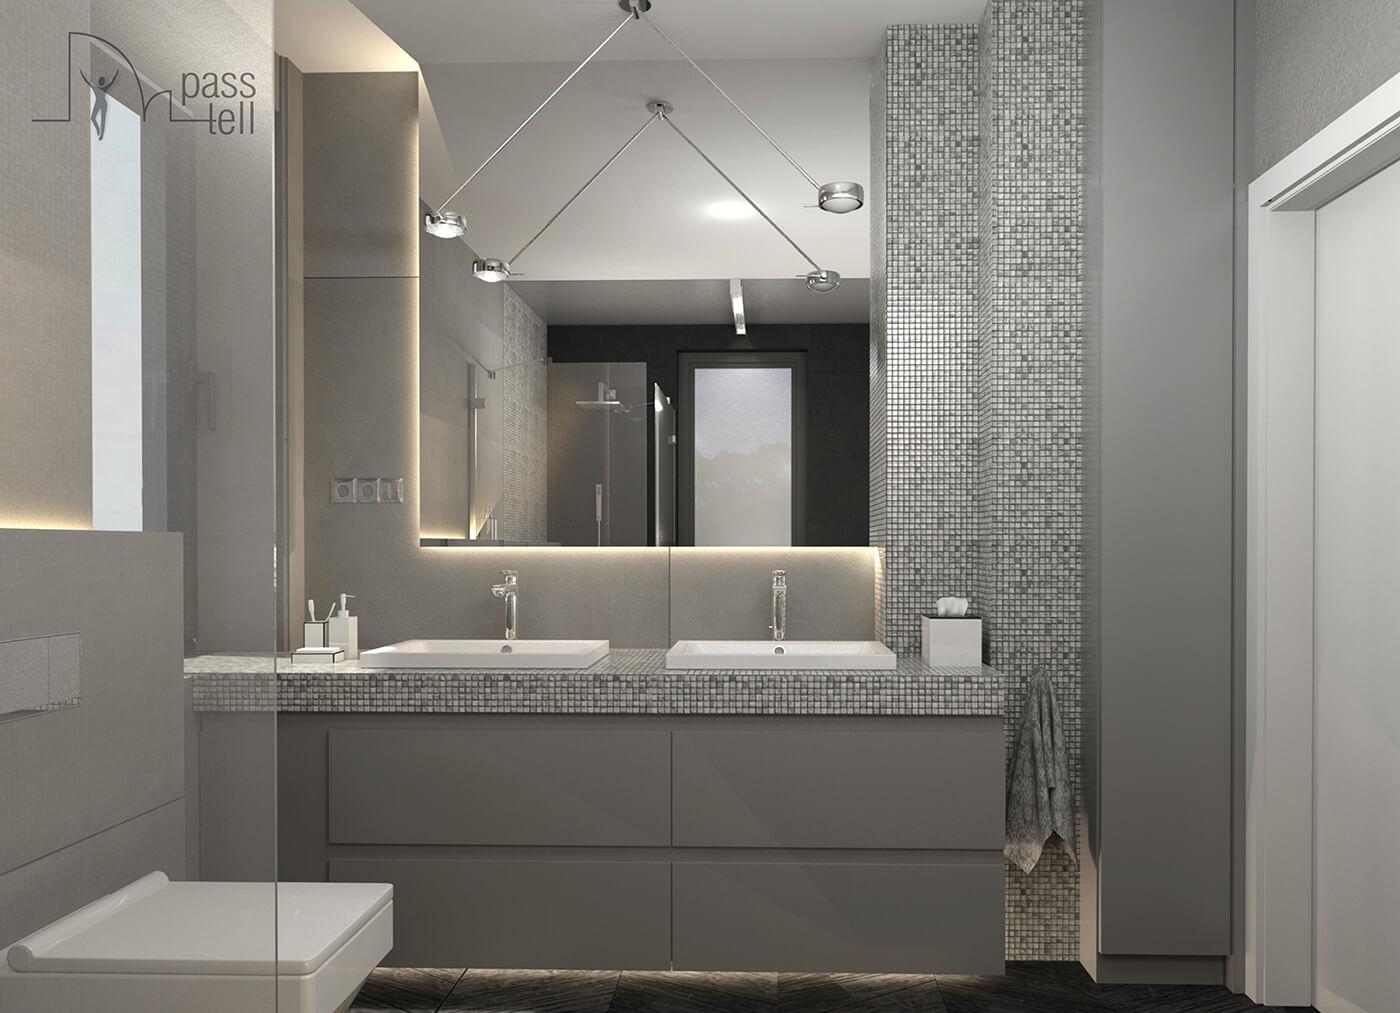 Projekty łazienek Pracownia Projektowa Pass Tell